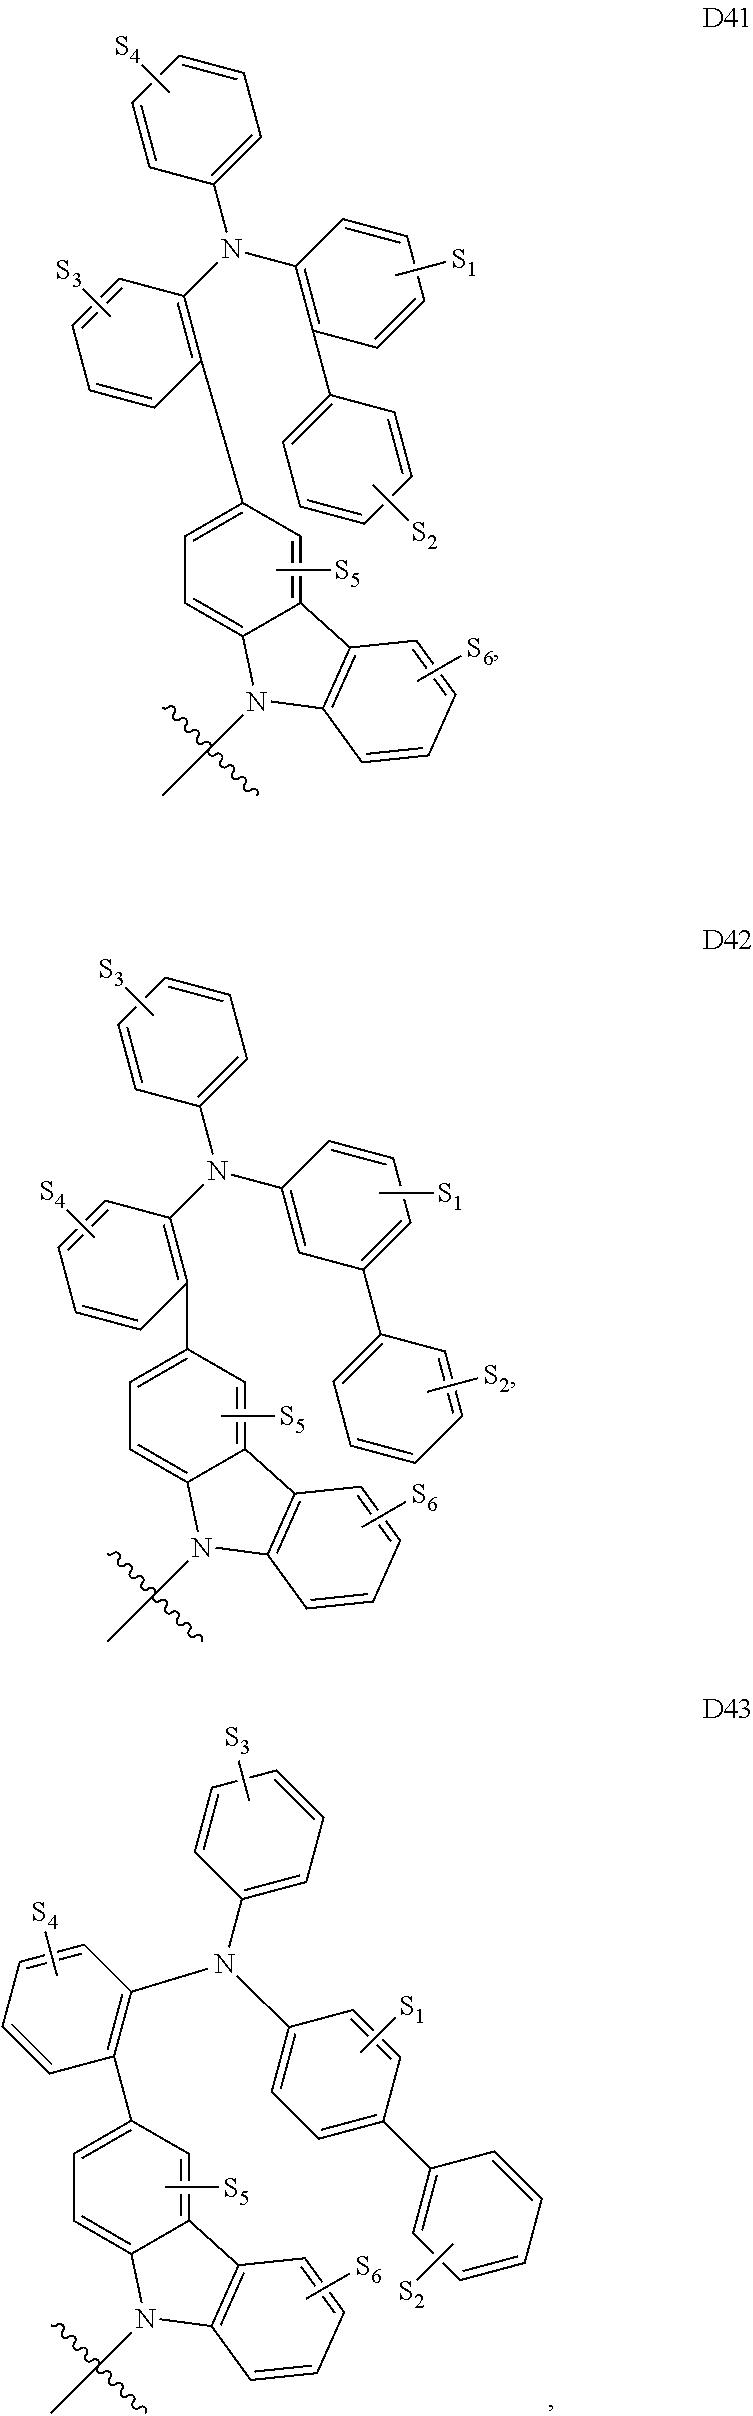 Figure US09324949-20160426-C00016